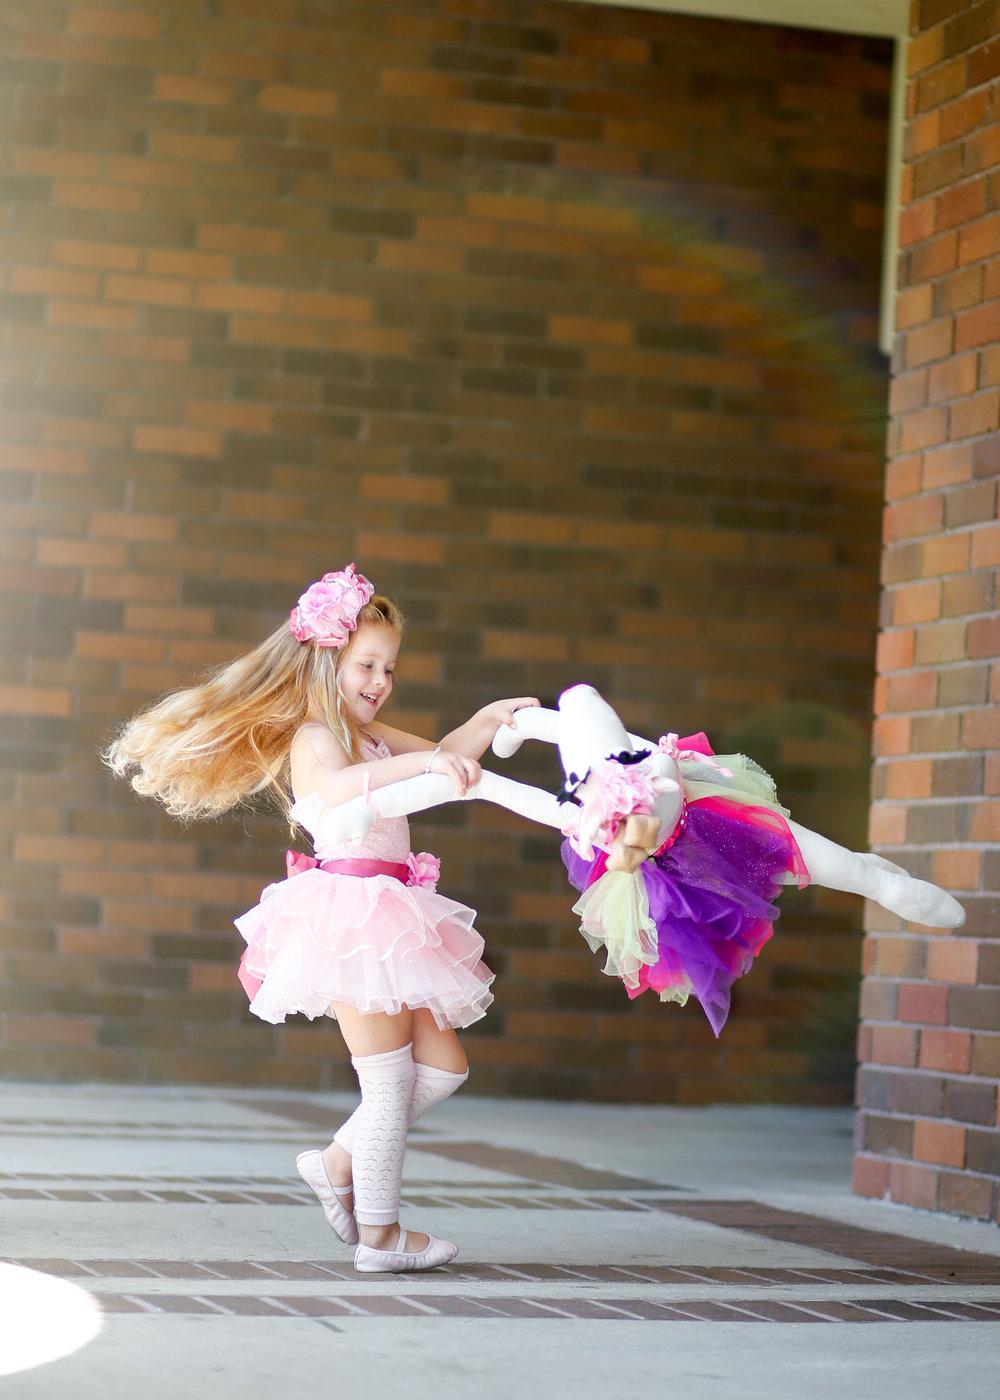 Ballerina-243-Edit-3.jpg